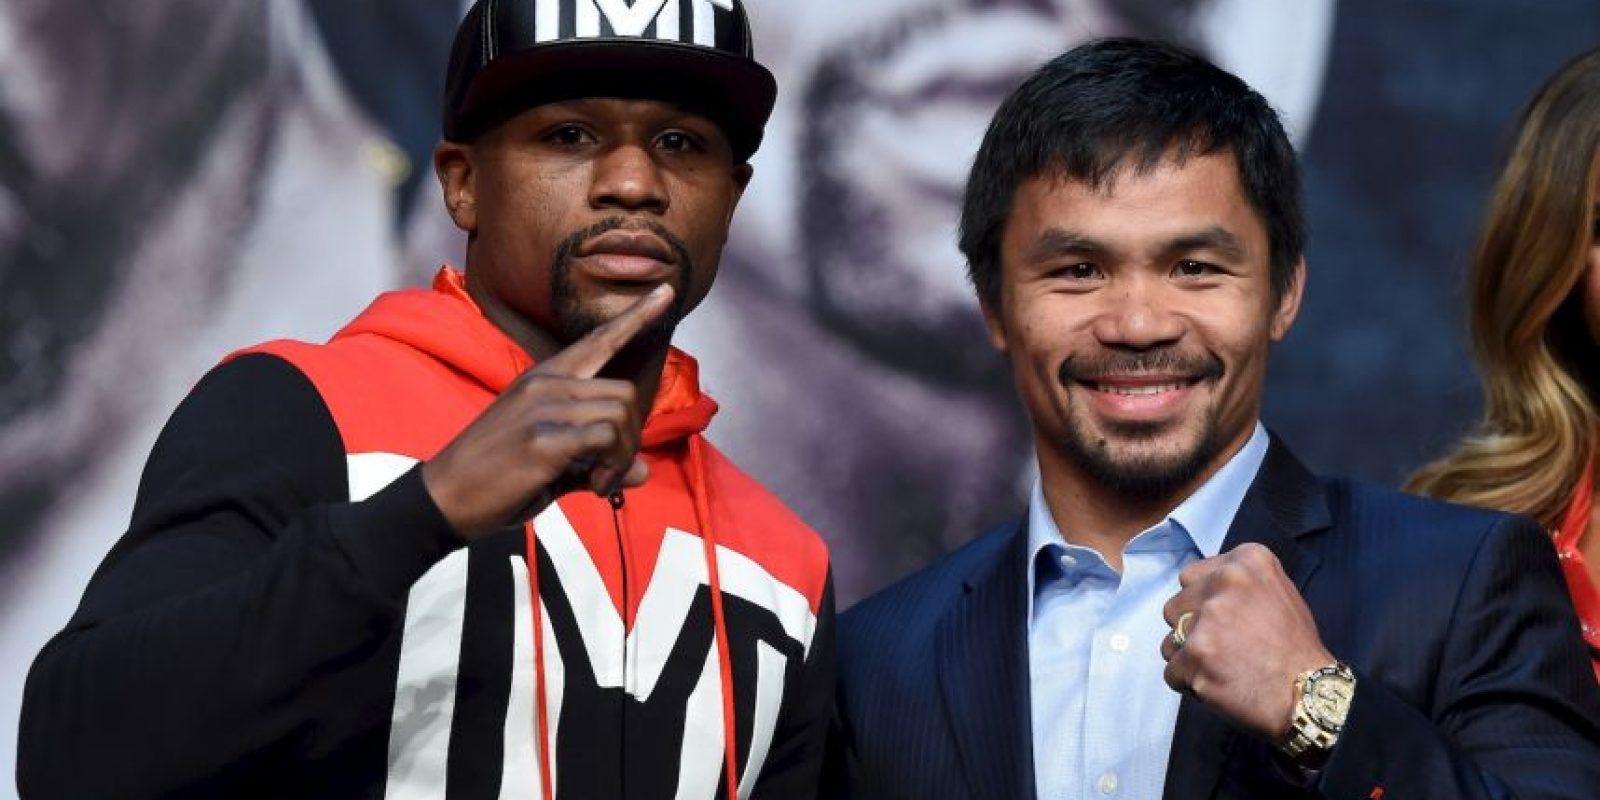 Este sábado 2 de mayo, Floyd Mayweather y Manny Pacquiao se enfrentarán en el MGM Grand Garden Arena de Las Vegas. Foto:Getty Images